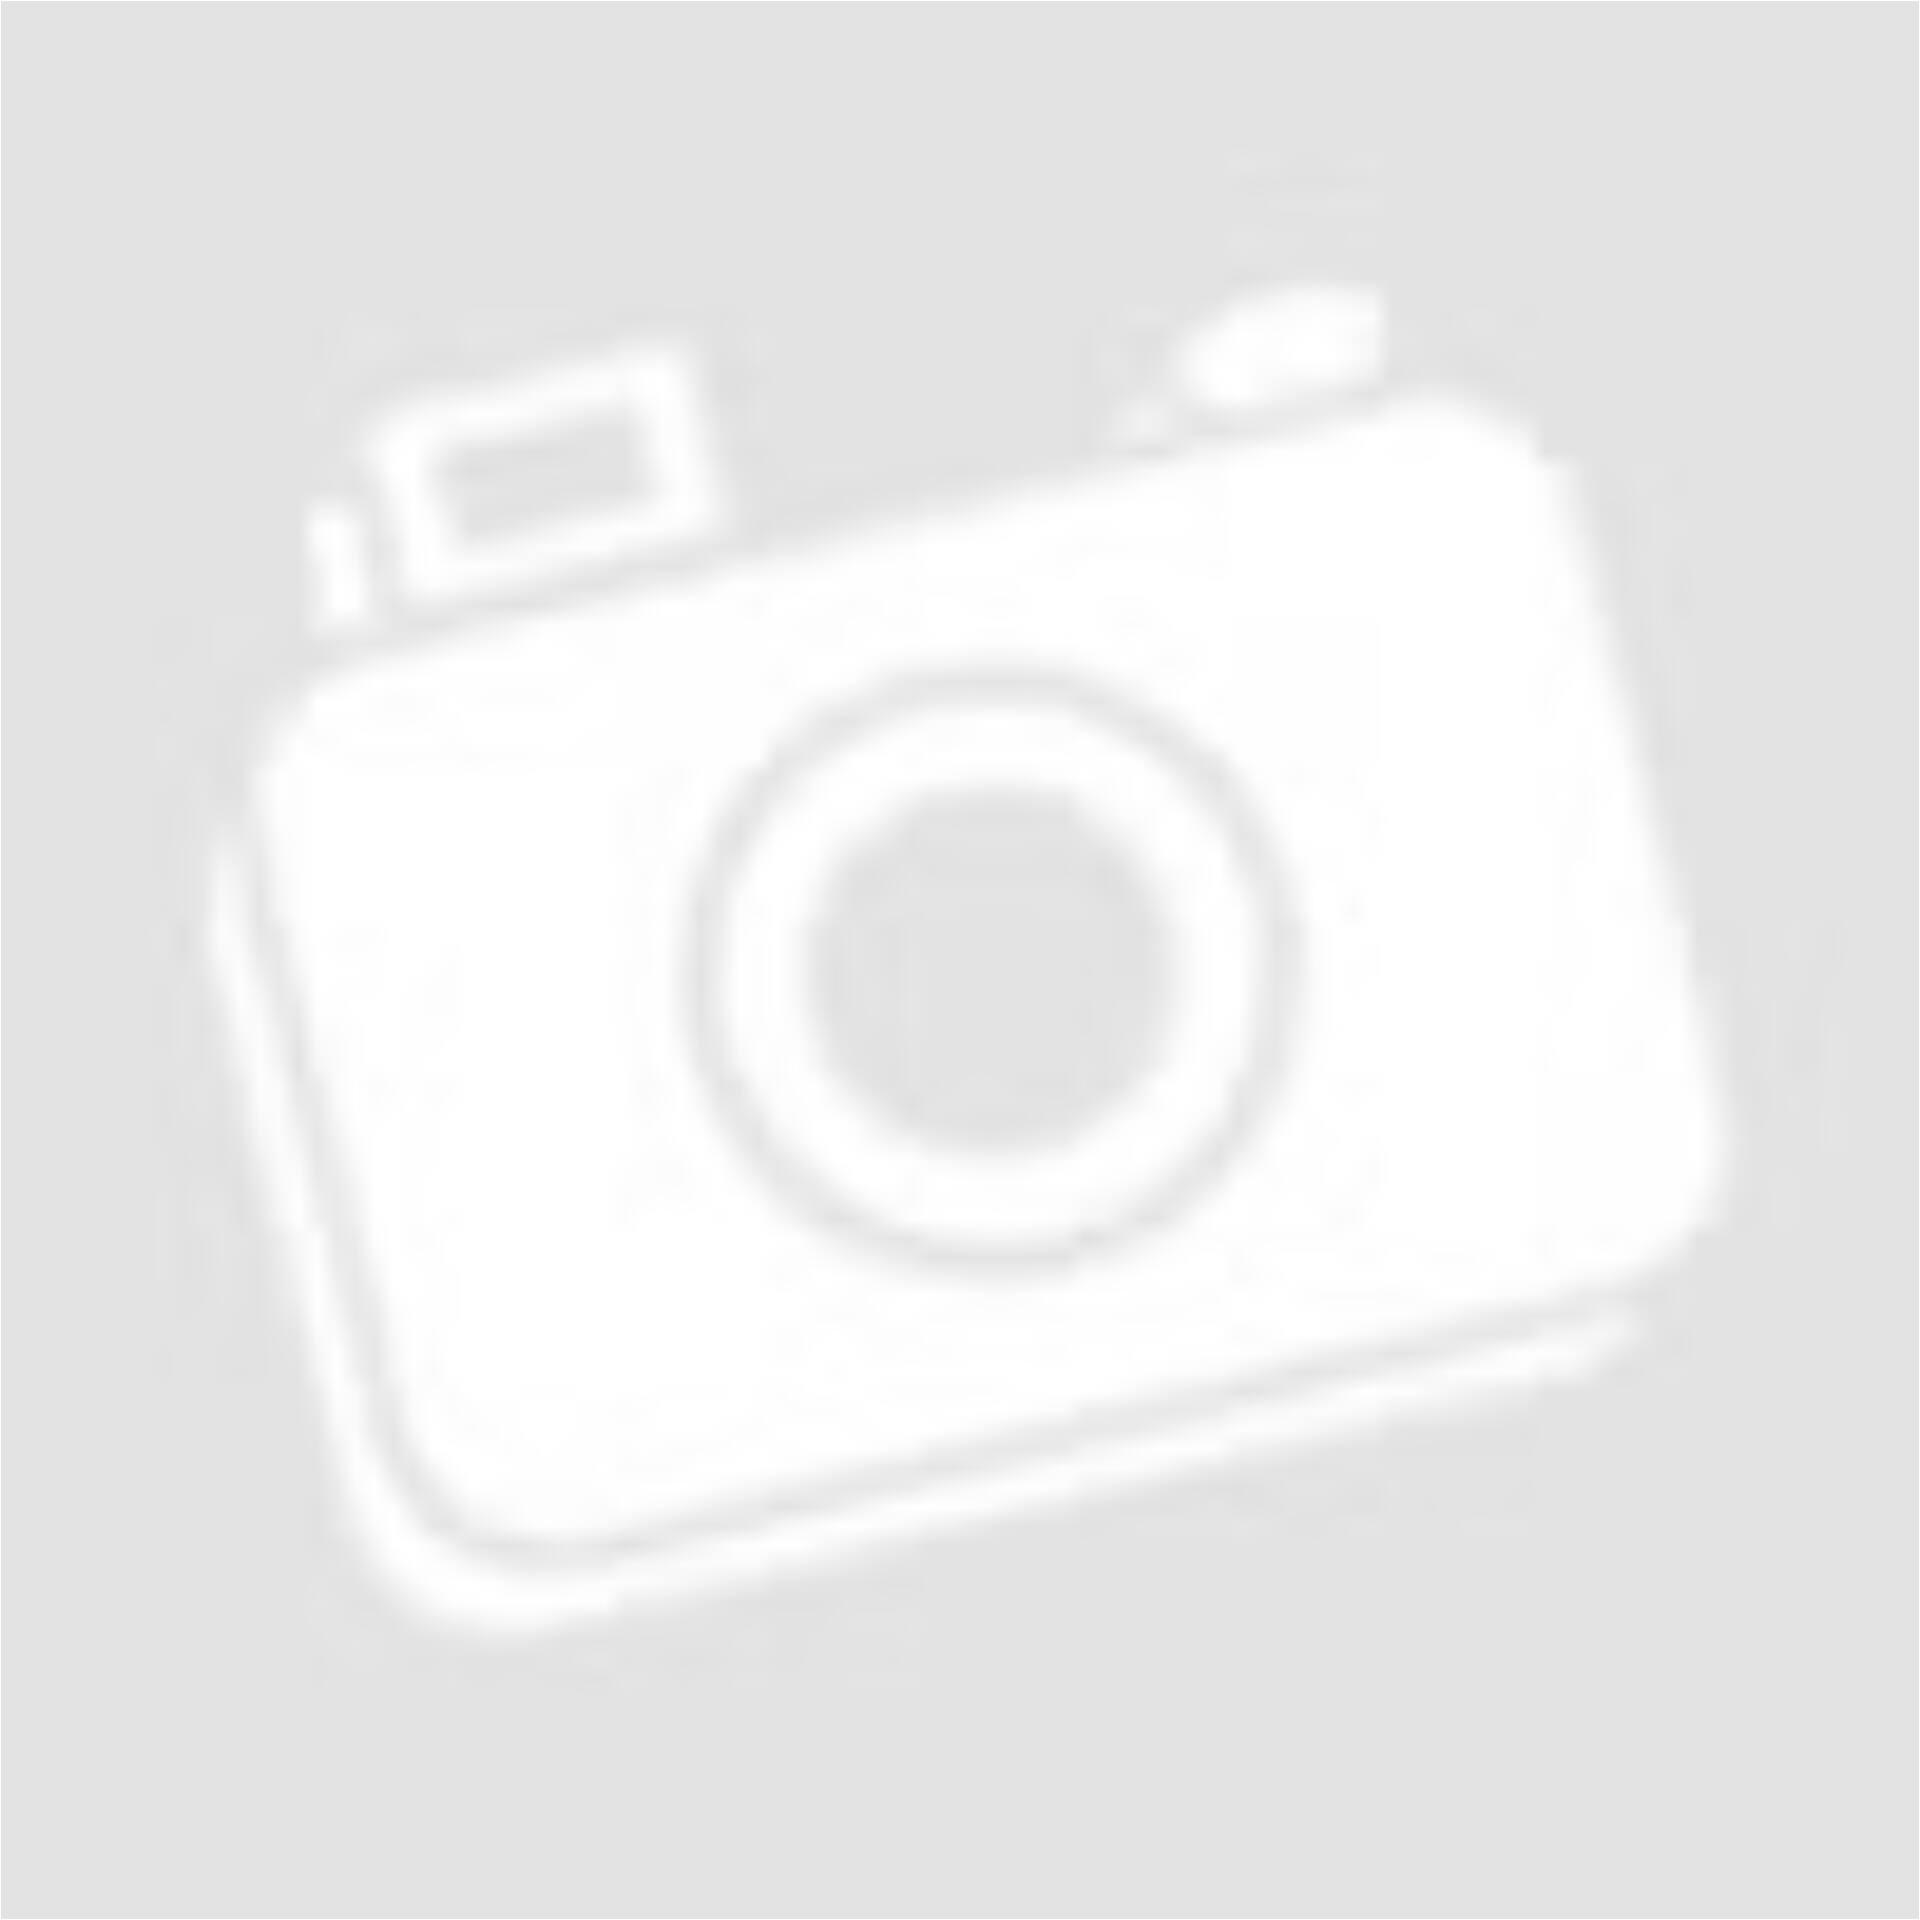 a787169f52 Esprit fekete farmer szoknya (Méret: S) - Szoknya - Öltözz ki ...